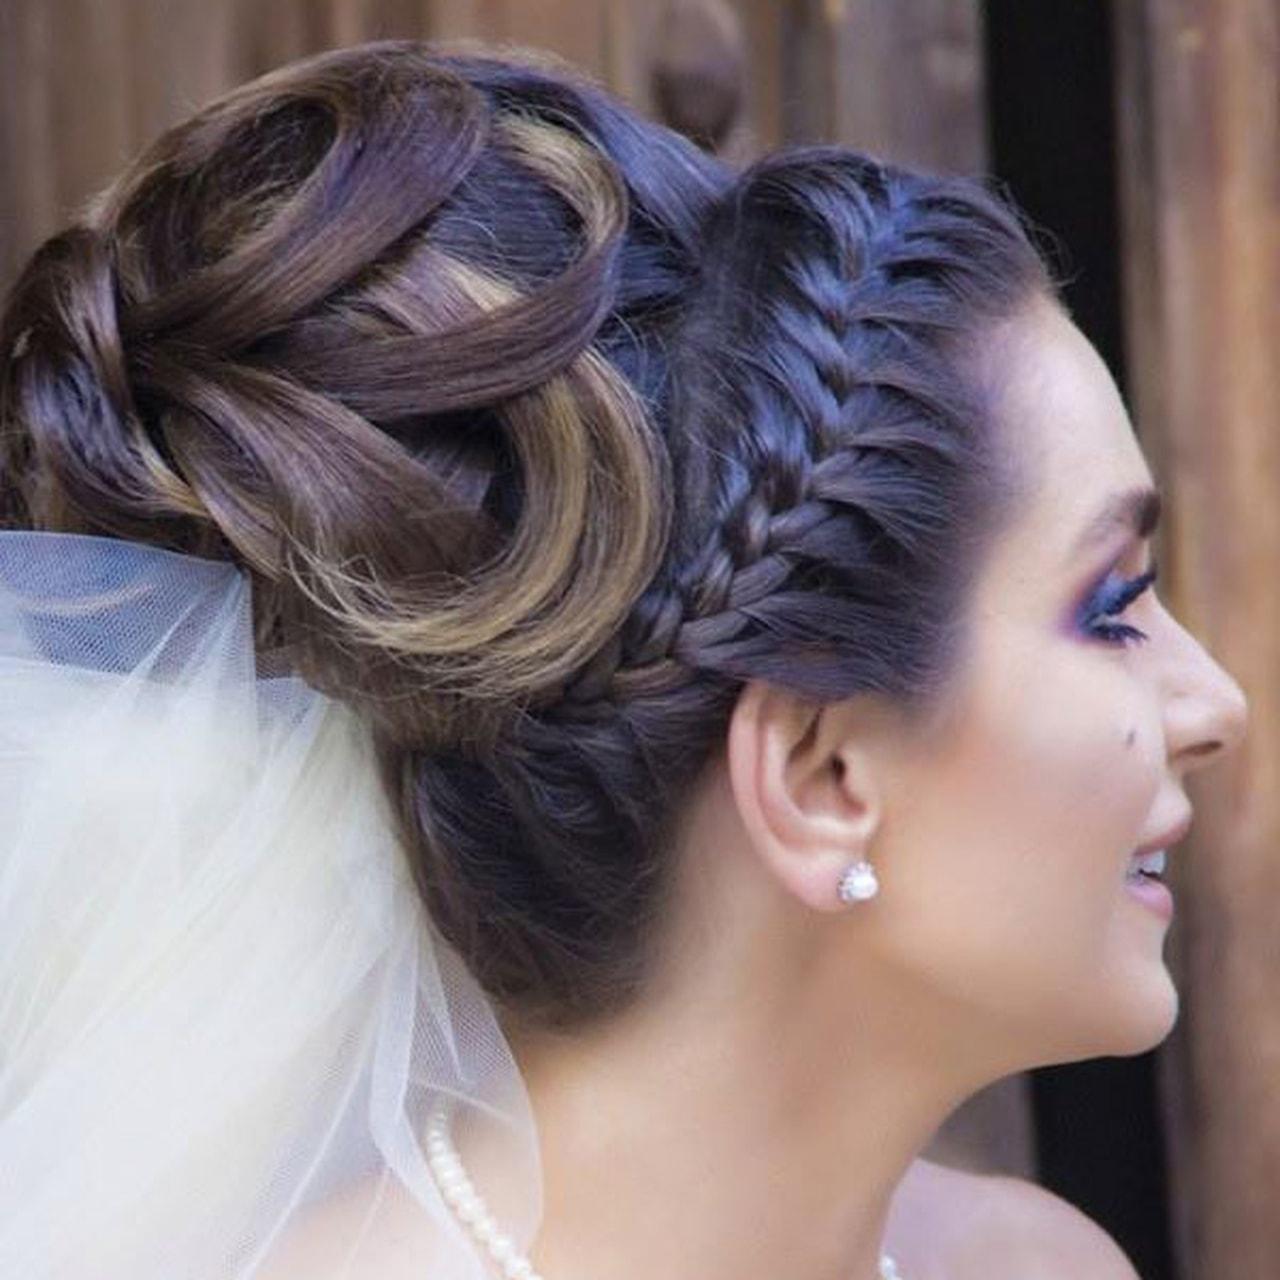 بالصور احلى تسريحه عروس , تسريحات راقيه للعروسه 2153 8